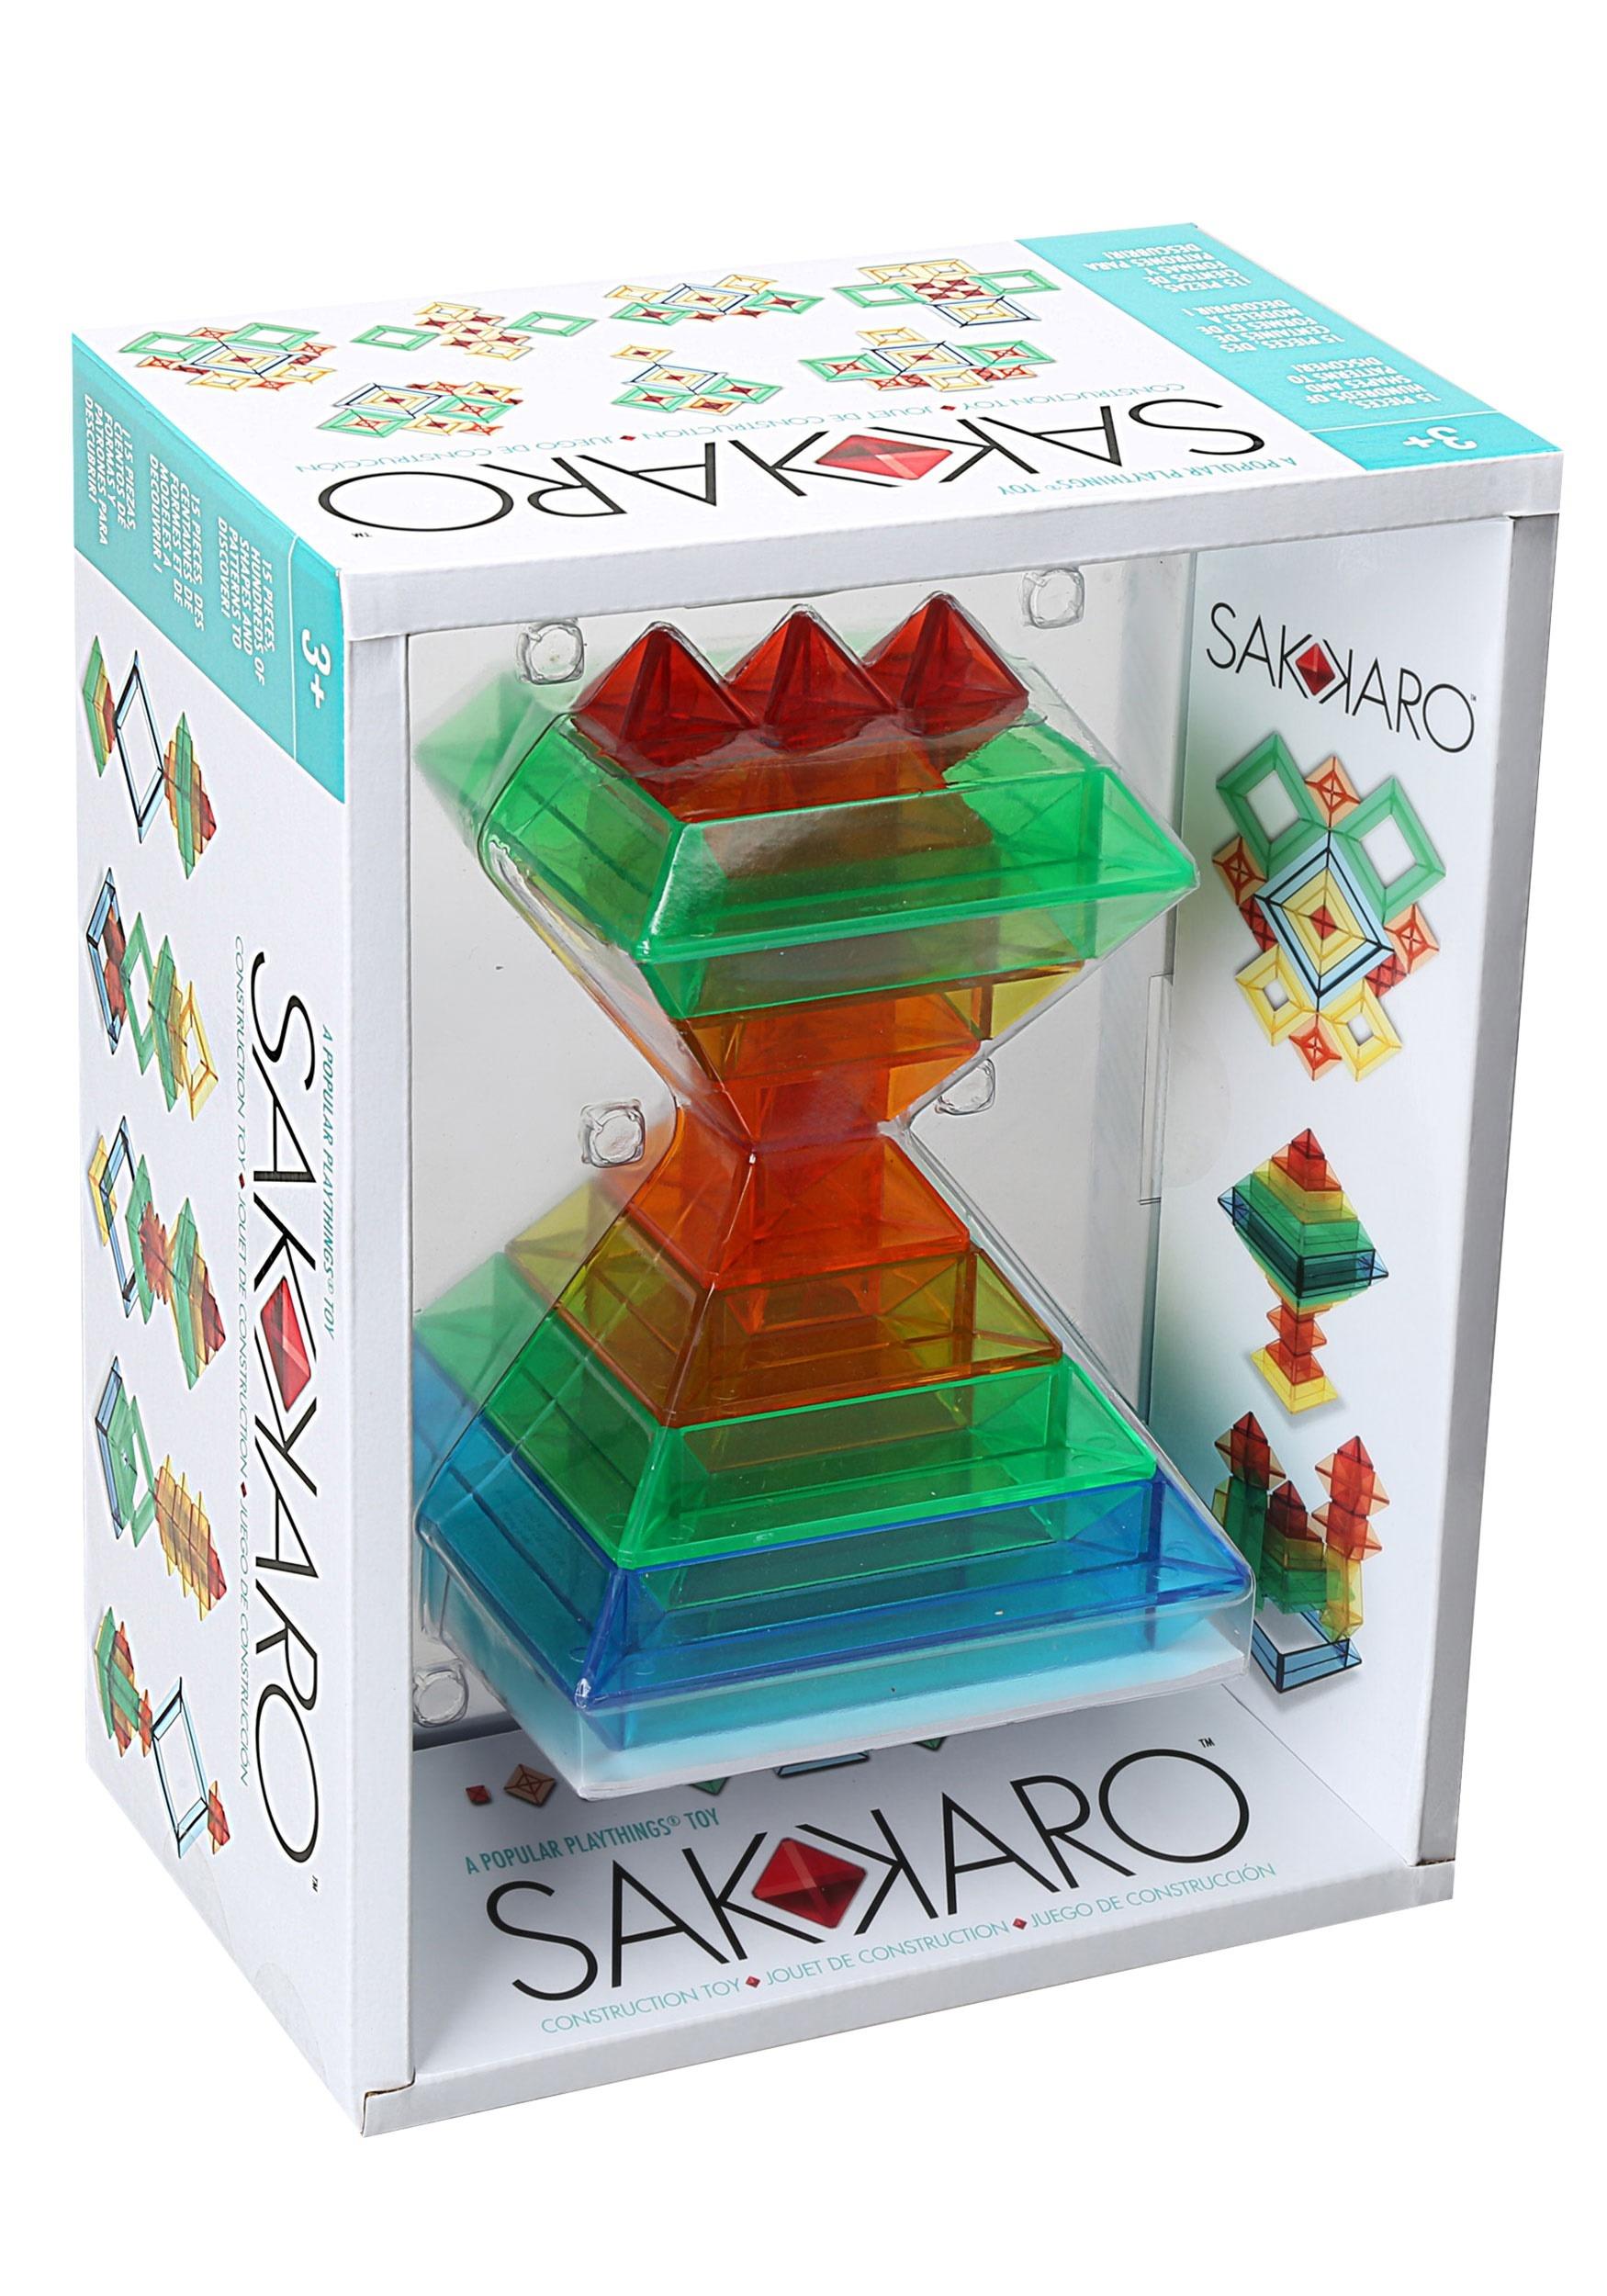 Popular Playthings Sakkaro Geomerty Set